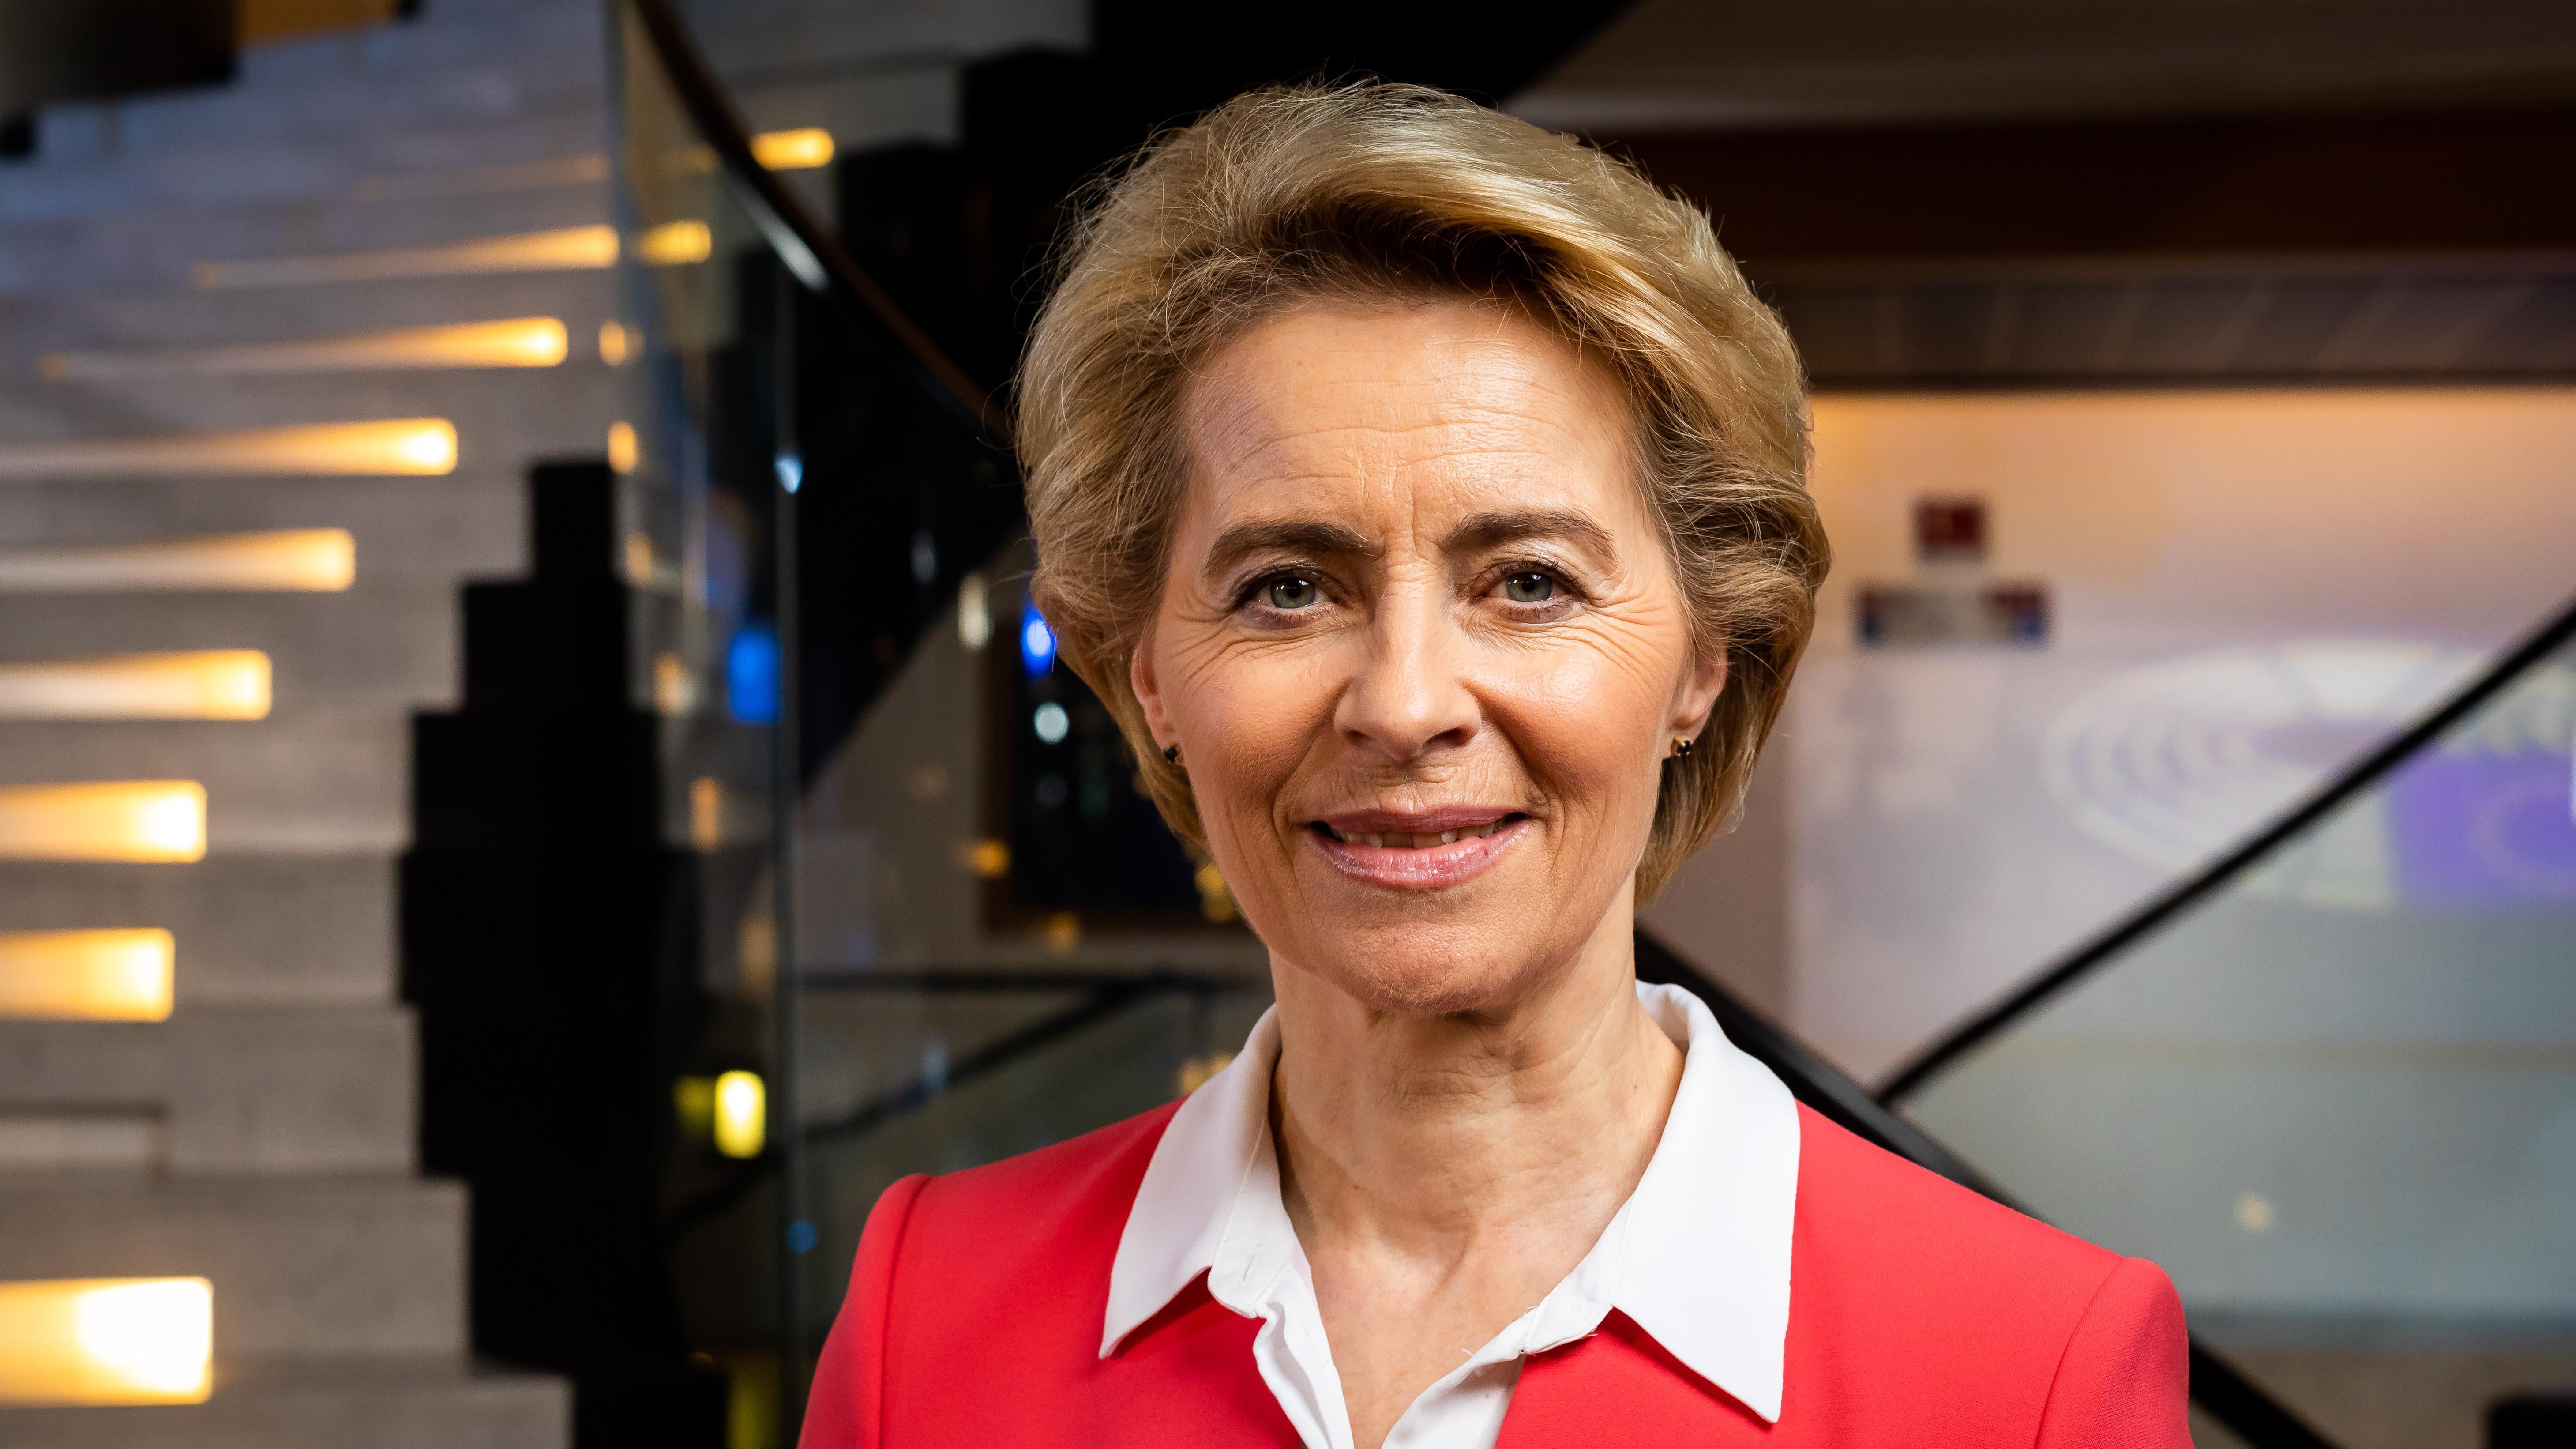 Ursula von der Leyen legte eine steile Karriere hin